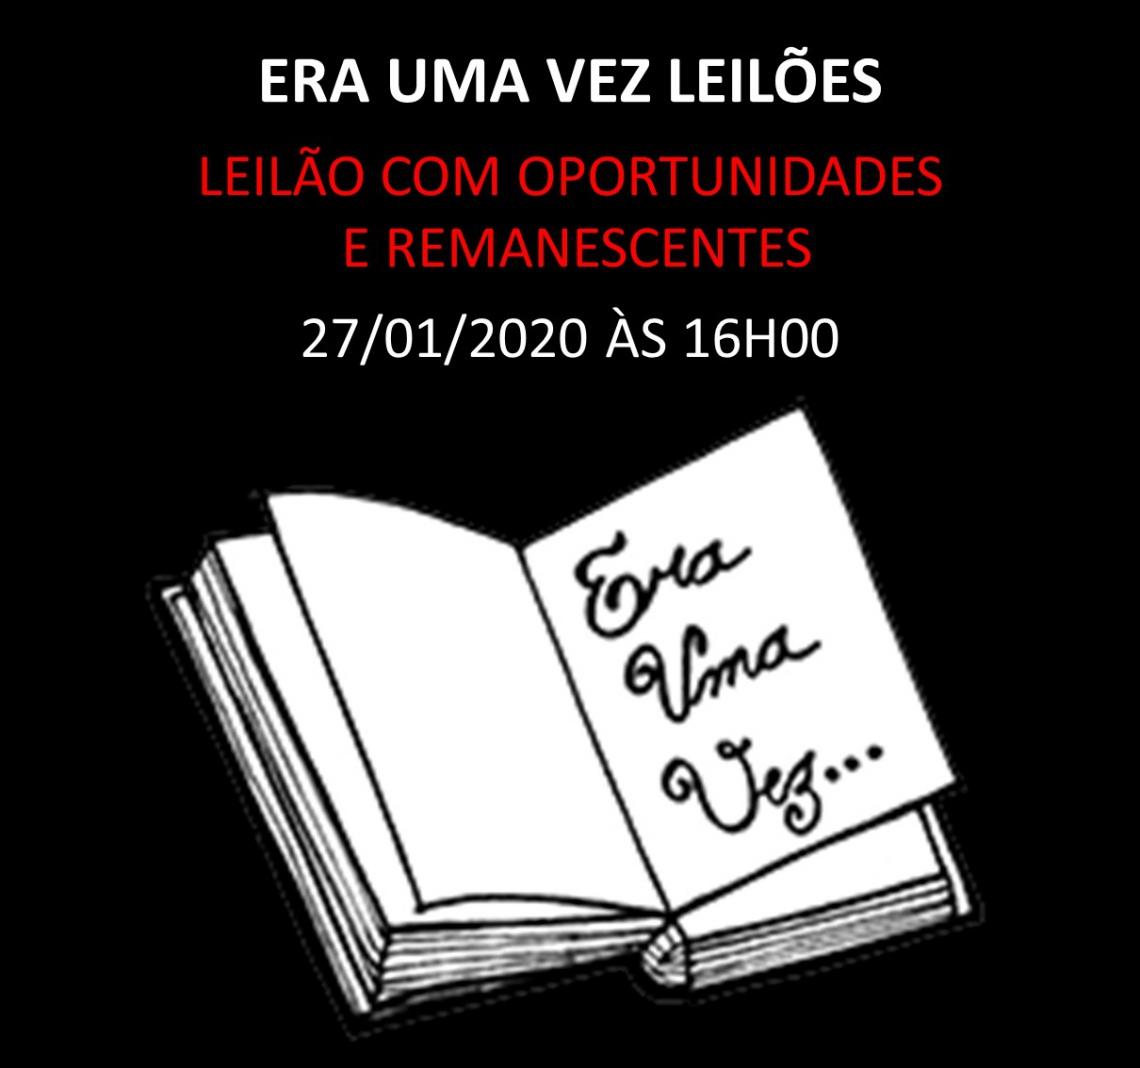 LEILÃO DE OPORTUNIDADES COM REMANESCENTES - 27/01/2020 às 16h00